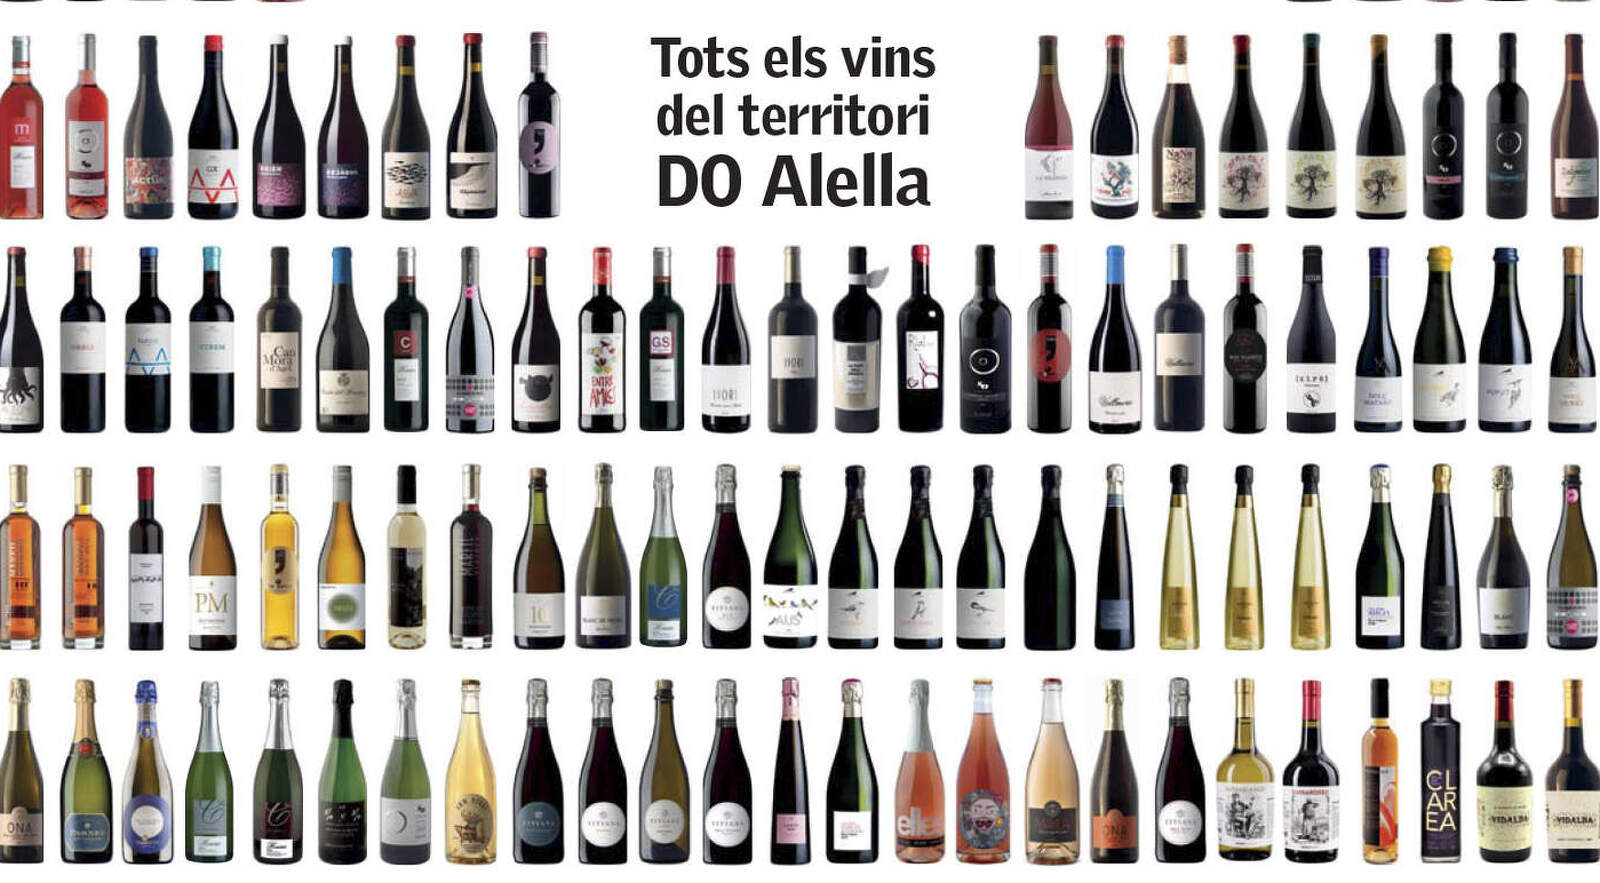 La Vinfografia dels vins d'Alella de Papers de Vi